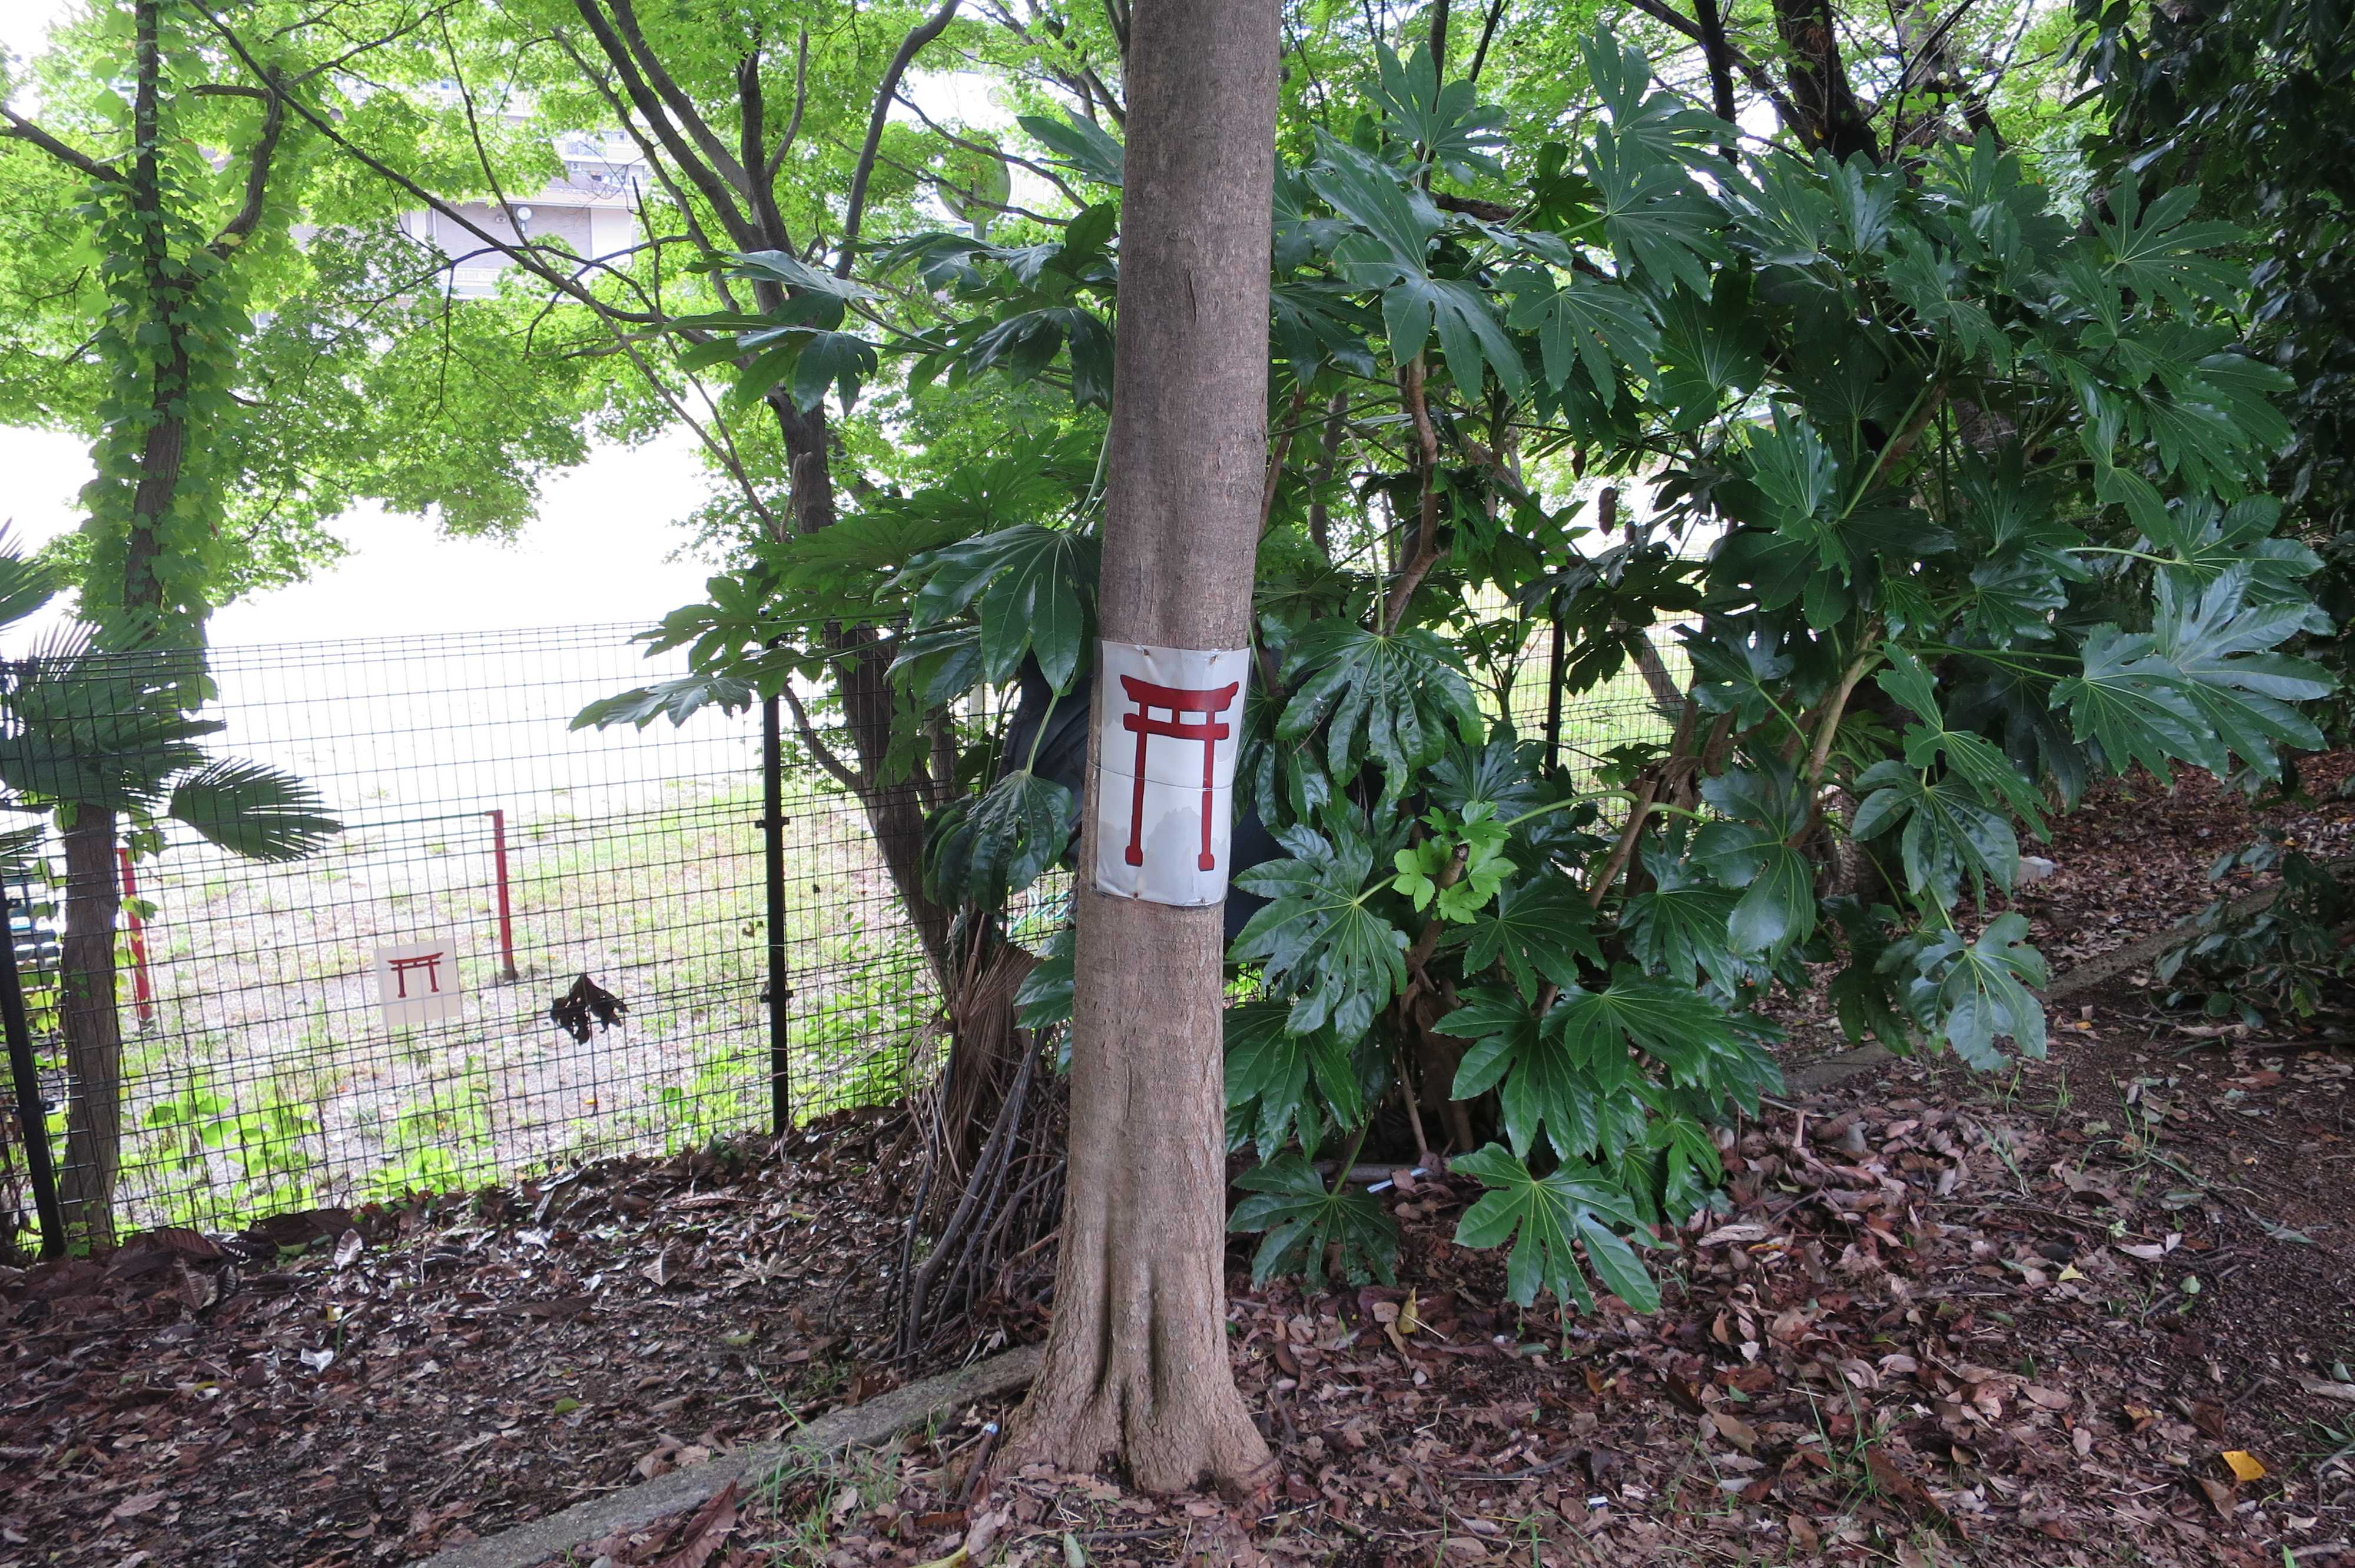 京都・崇仁地区 - 立ち小便禁止の鳥居マーク